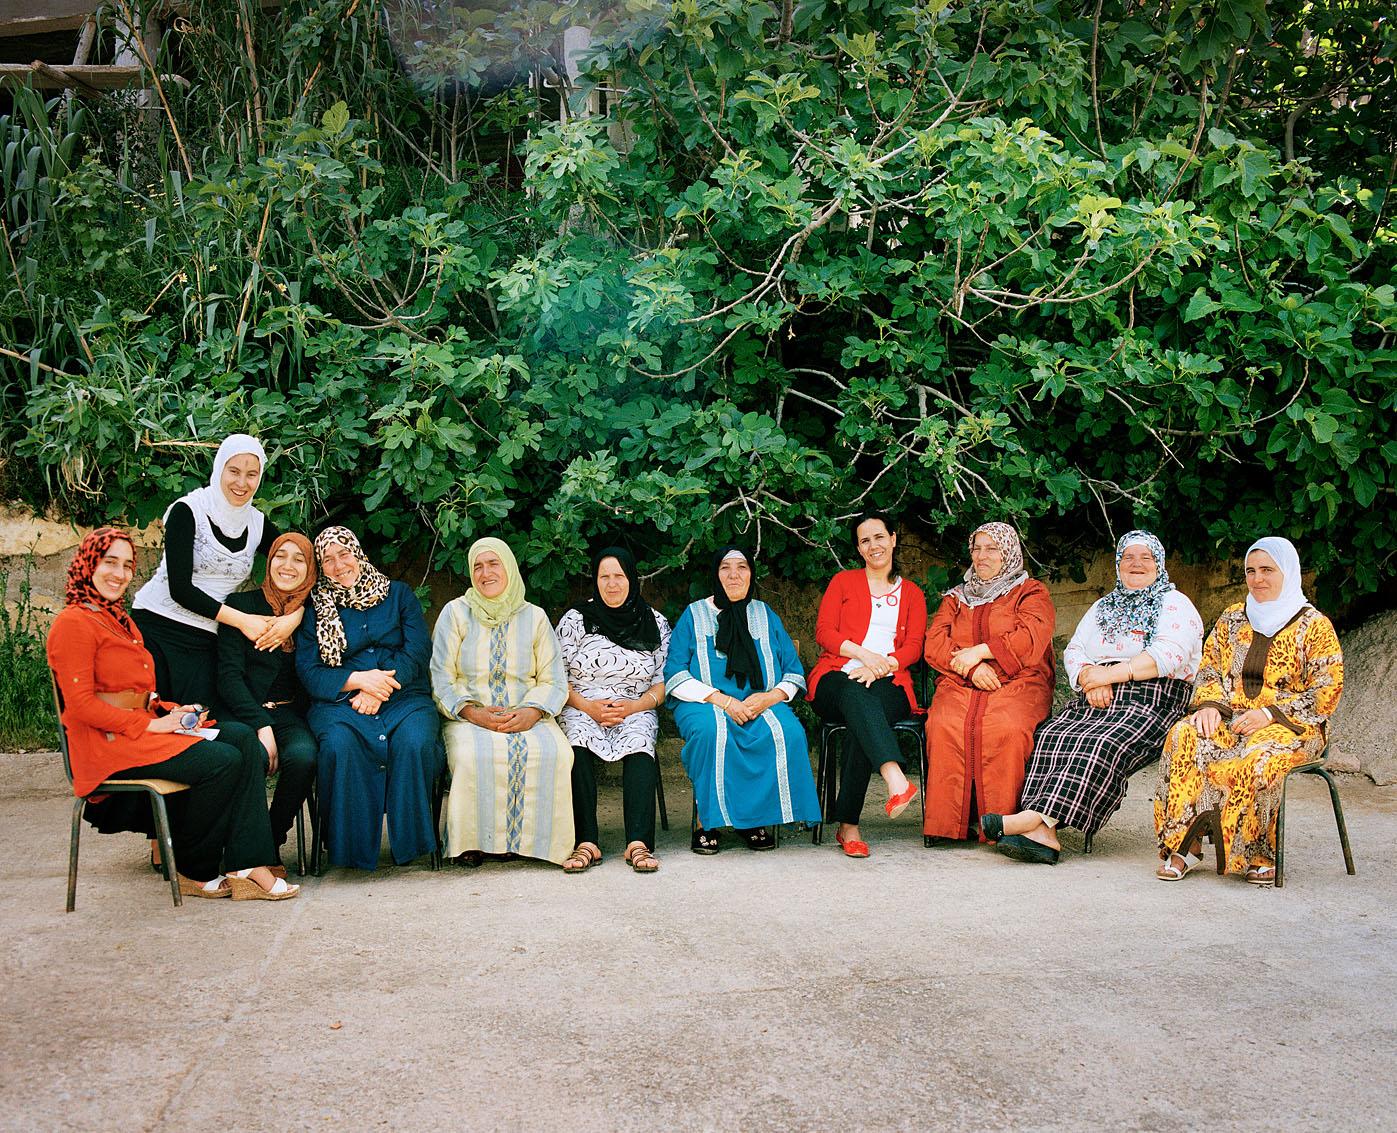 Les femmes de la coopérative Achifae (guérison en Berbère) du village de Ben Smim, Maroc.